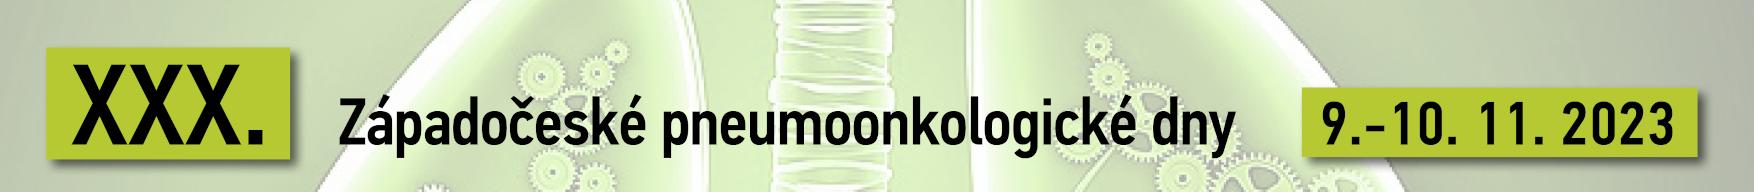 XXVIII. Západočeské pneumoonkologické dny